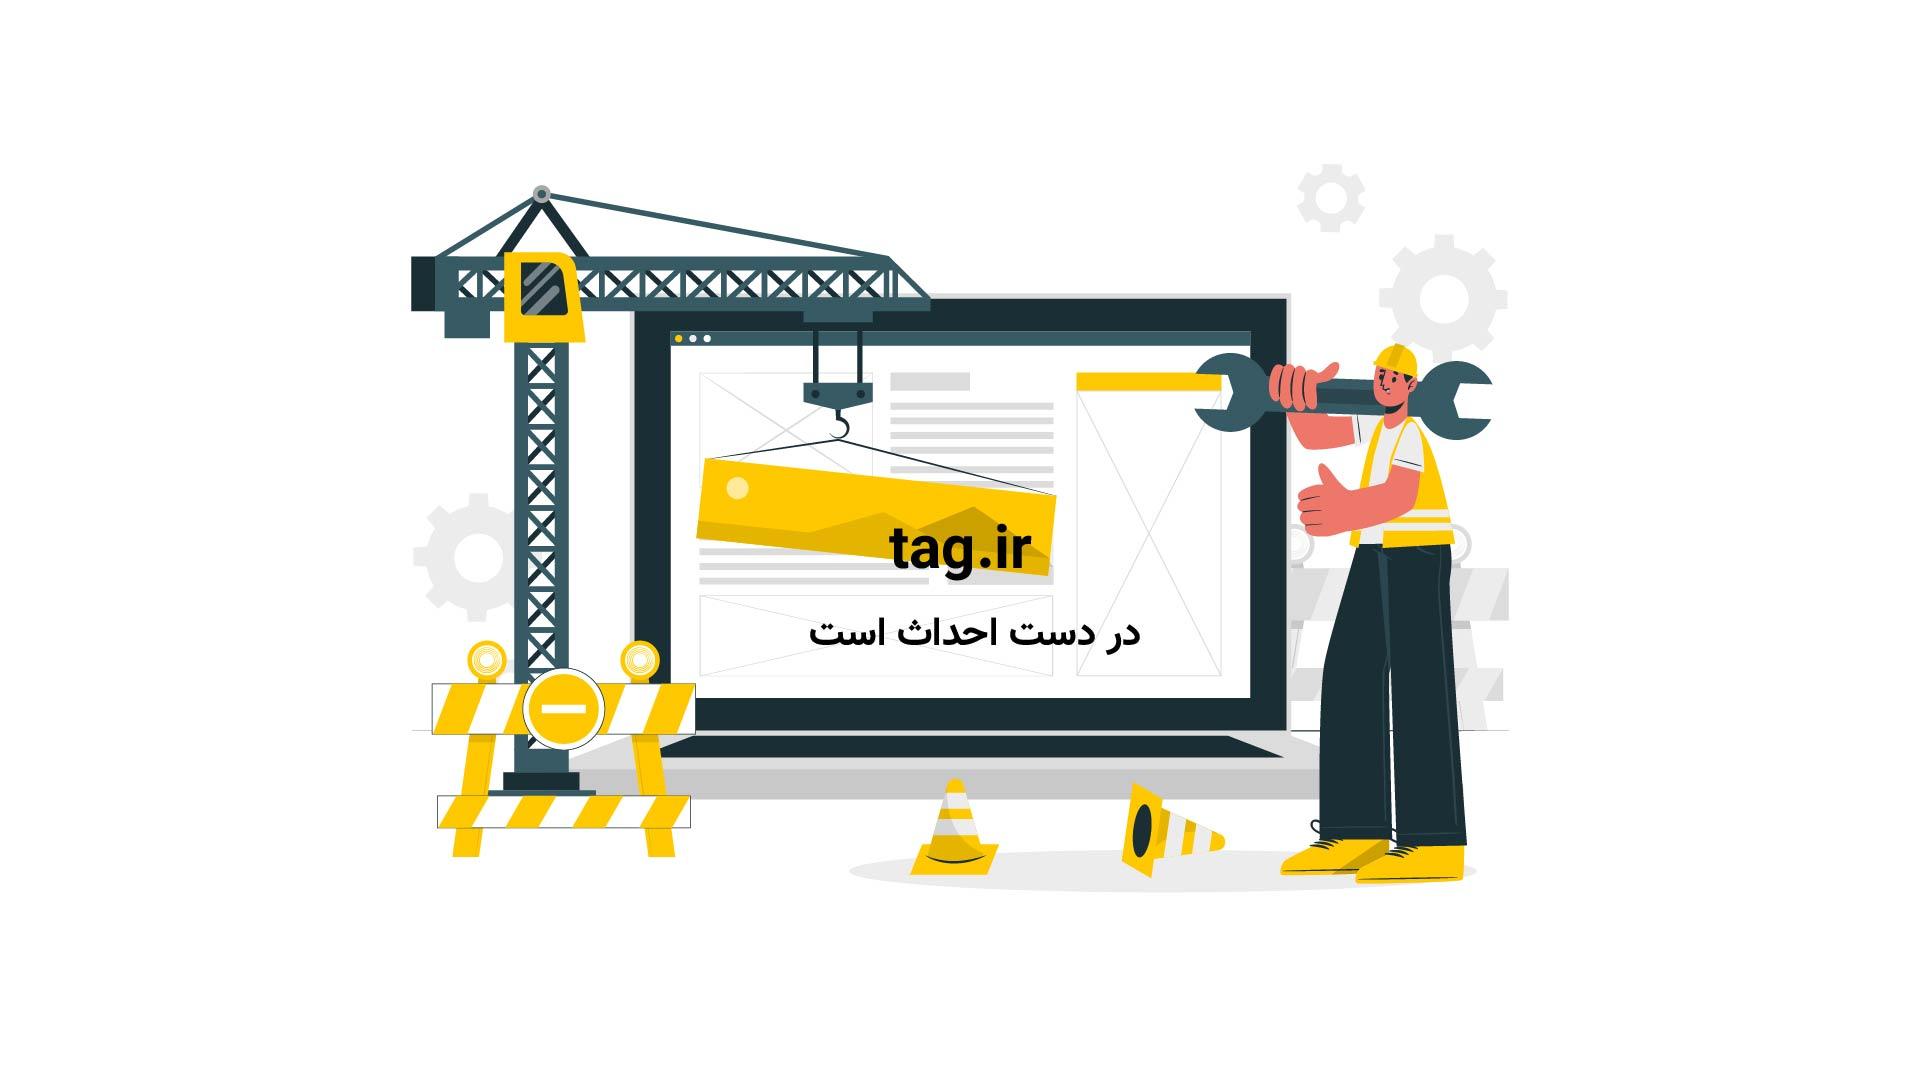 شکار مار سمی اقیانوس اطلس توسط عقاب | فیلم